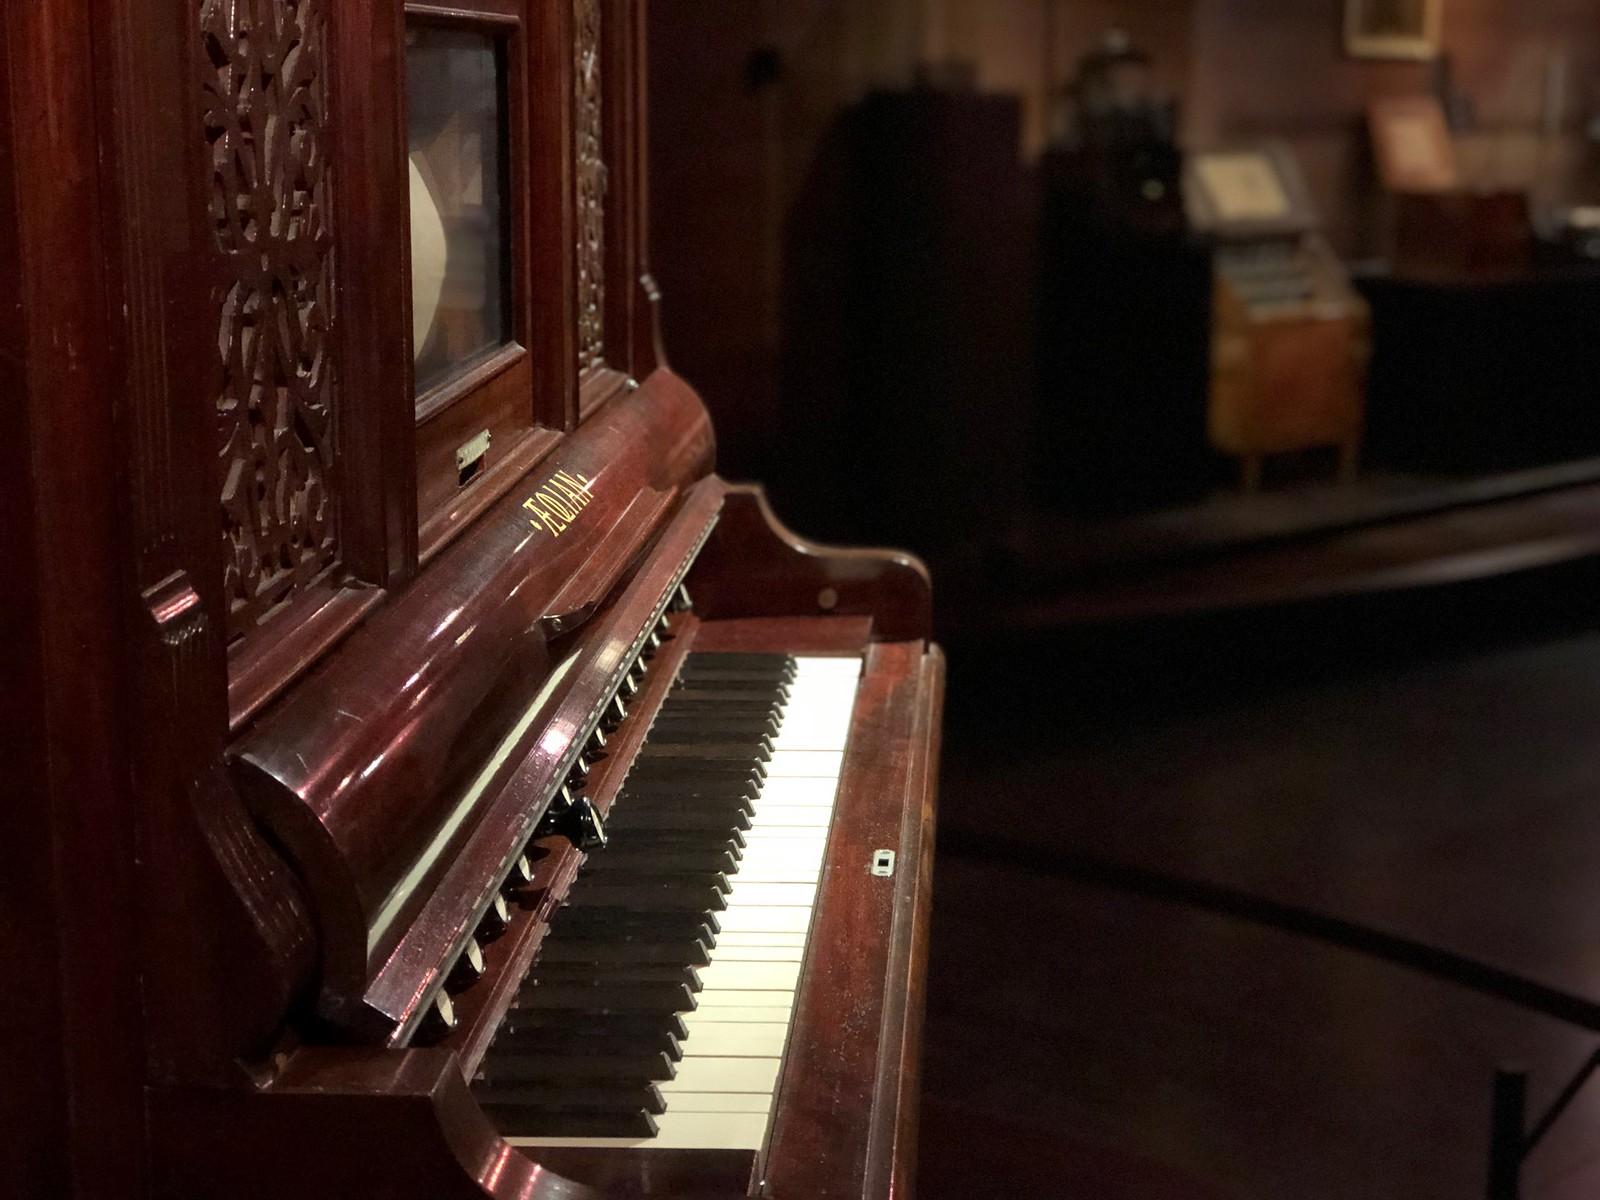 Visitando el Museo de los Instrumentos